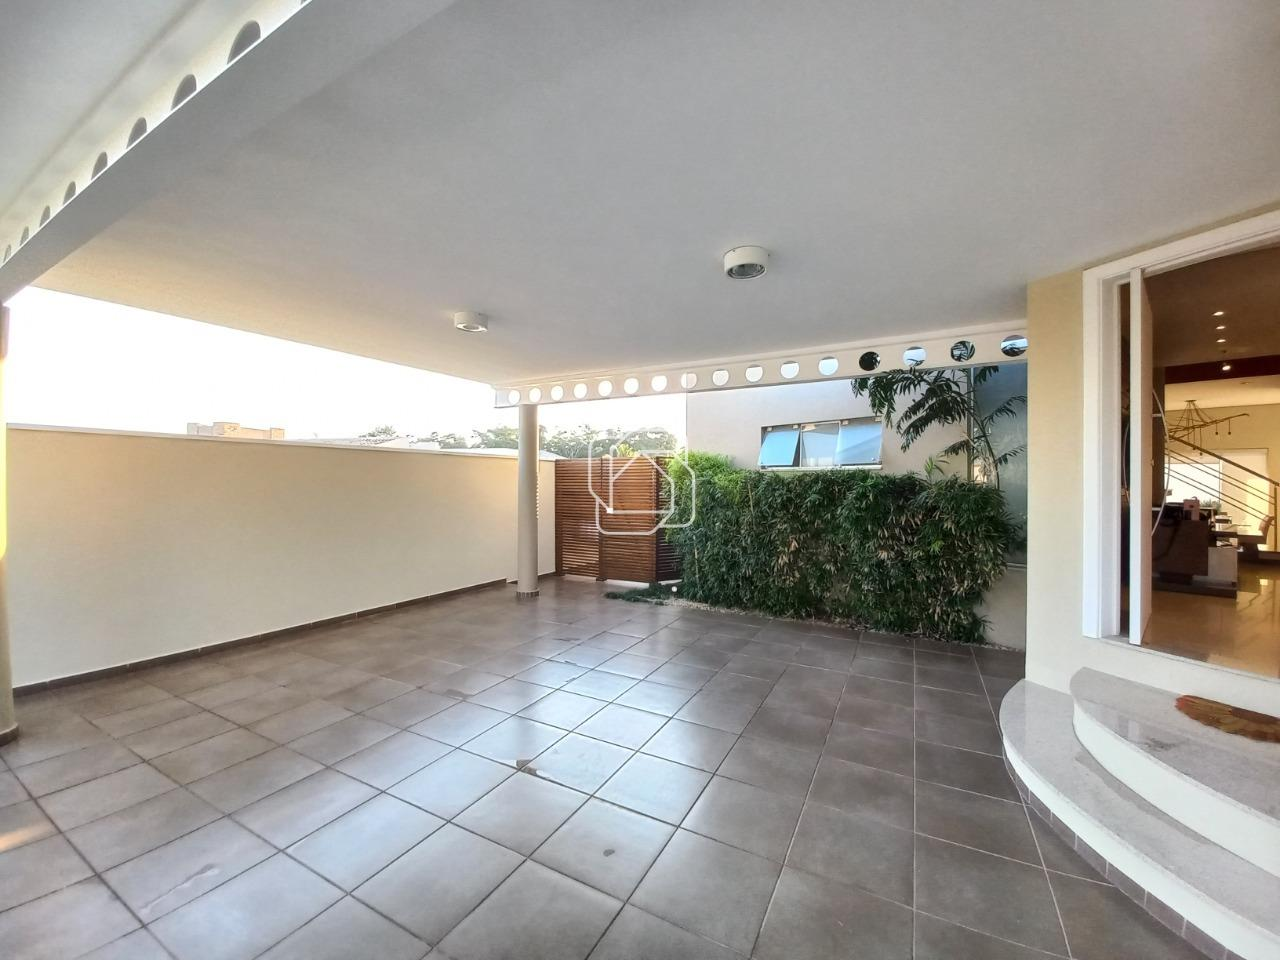 Casa de Condomínio à venda no Jardim Residencial Santa Clara: Casa à venda no Condomínio Santa Clara - Indaiatuba/SP